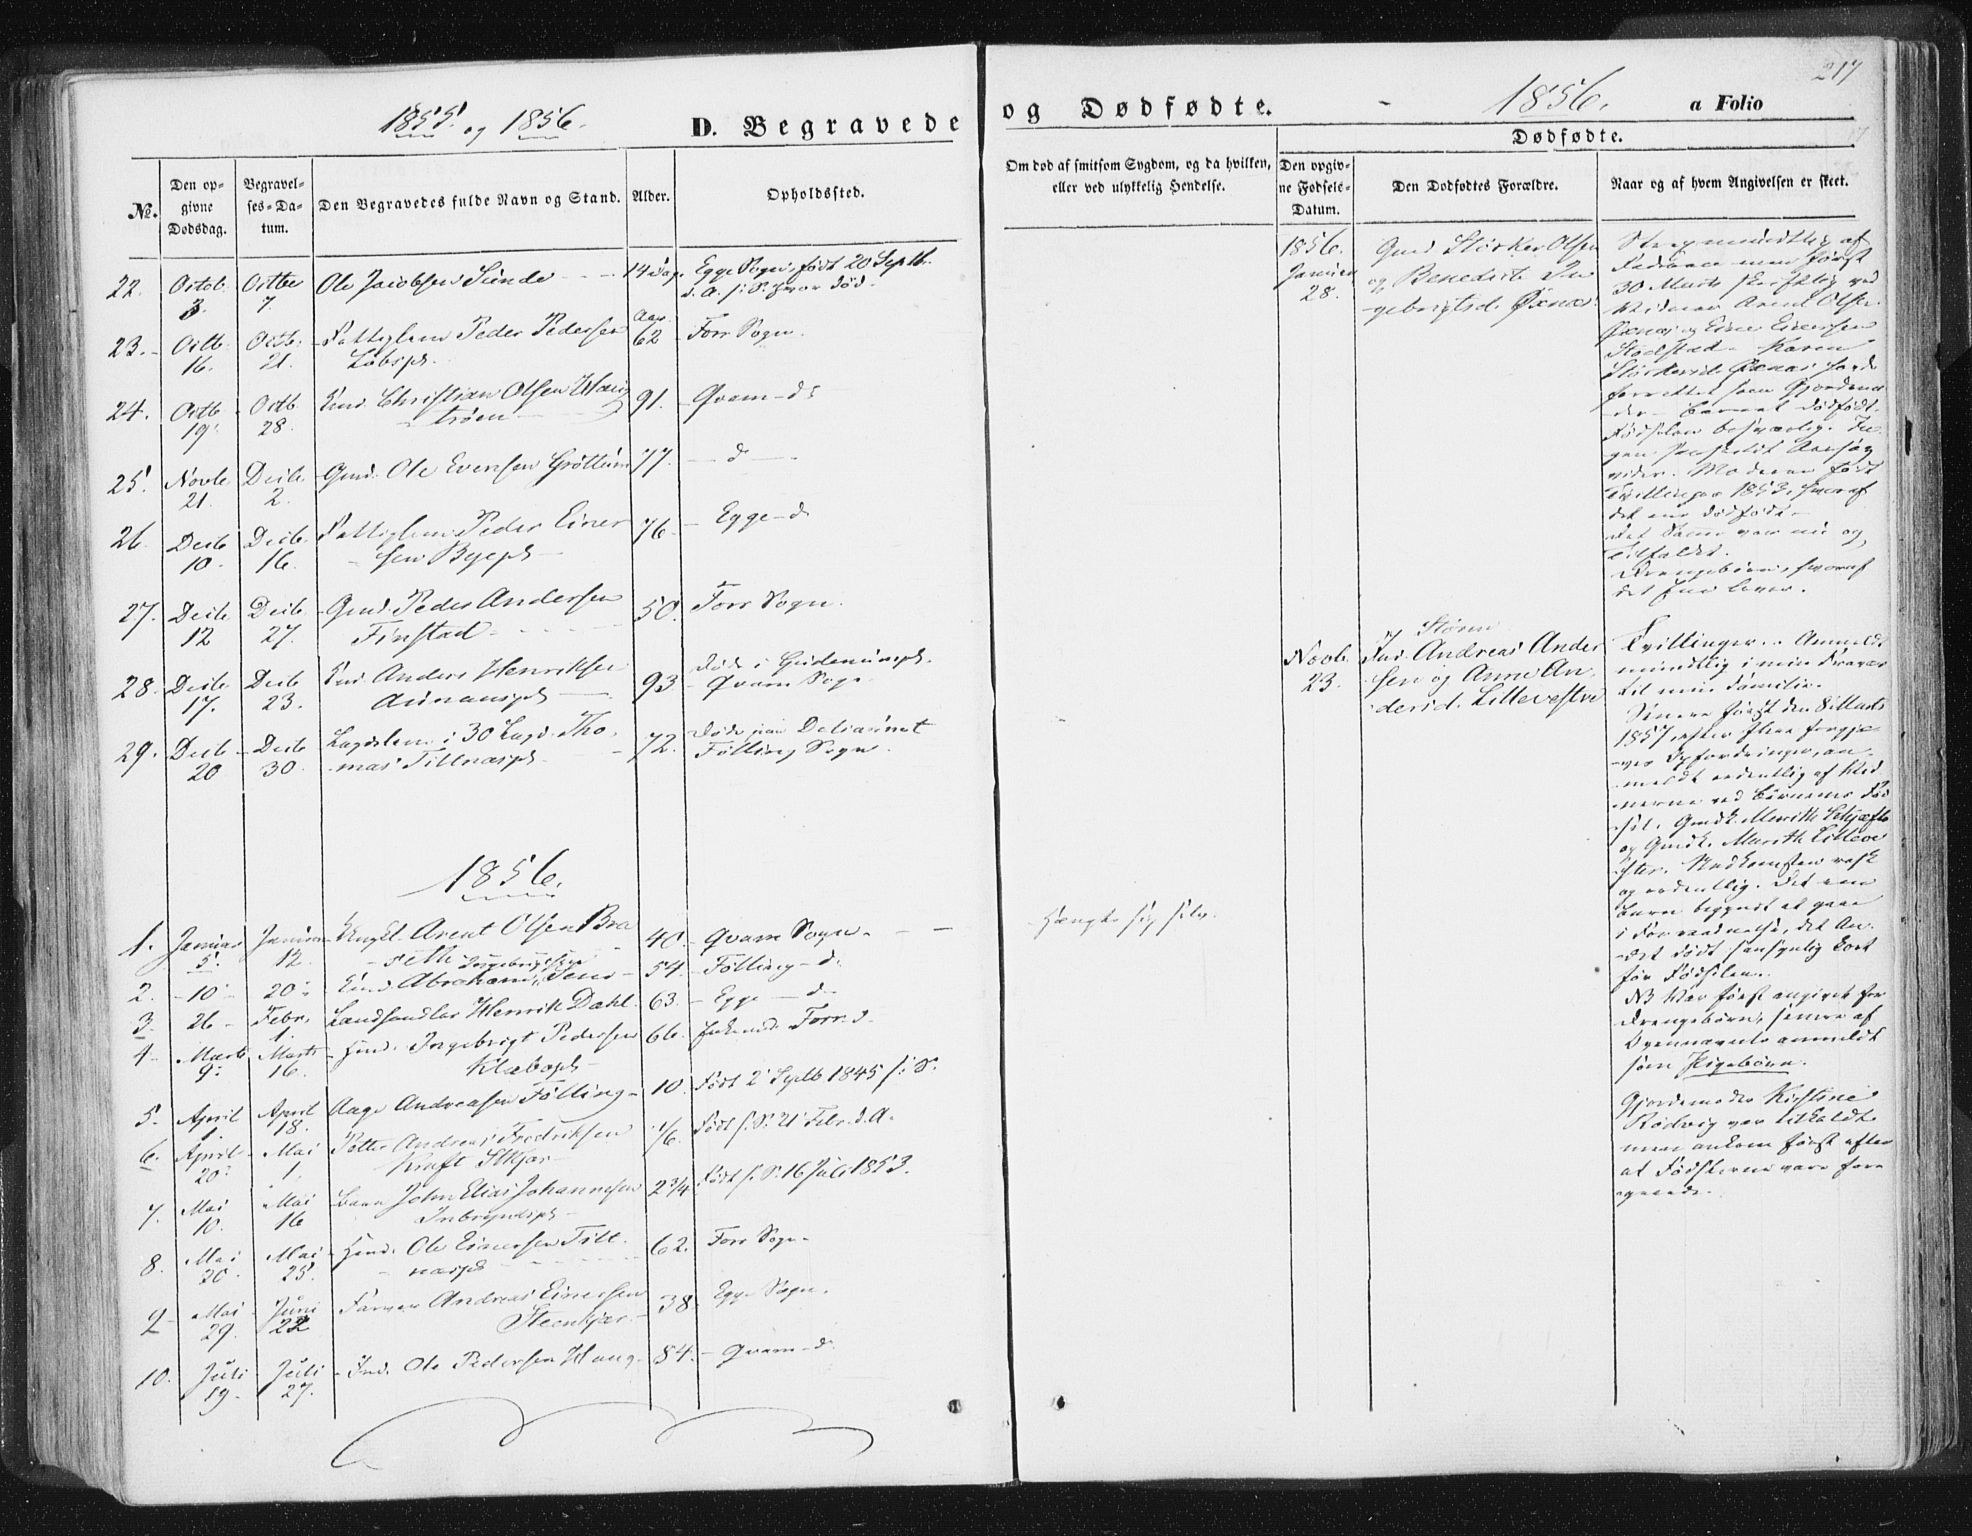 SAT, Ministerialprotokoller, klokkerbøker og fødselsregistre - Nord-Trøndelag, 746/L0446: Ministerialbok nr. 746A05, 1846-1859, s. 217